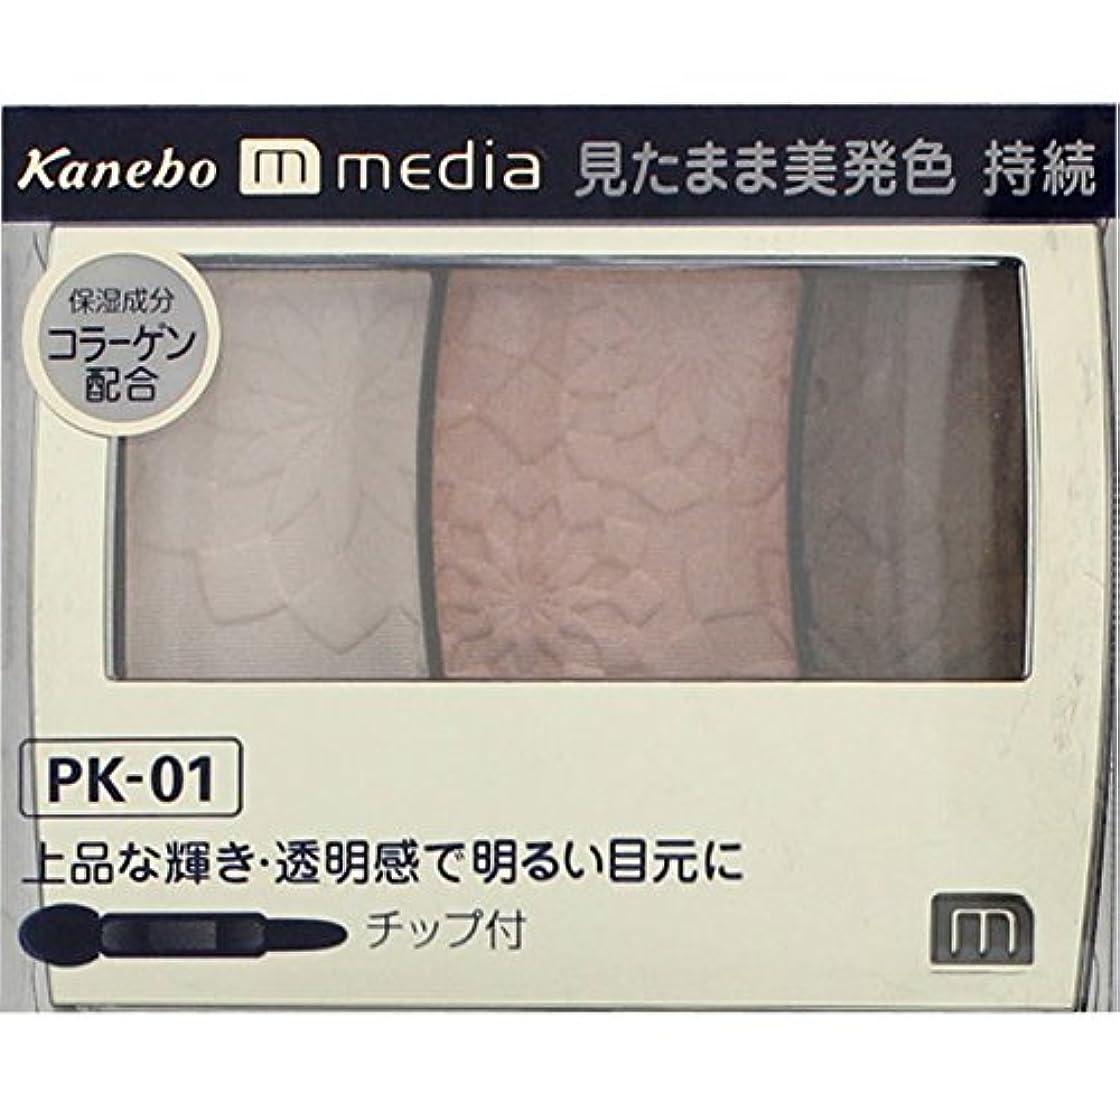 憲法びっくりすると【カネボウ】 メディア グラデカラーアイシャドウ PK-01